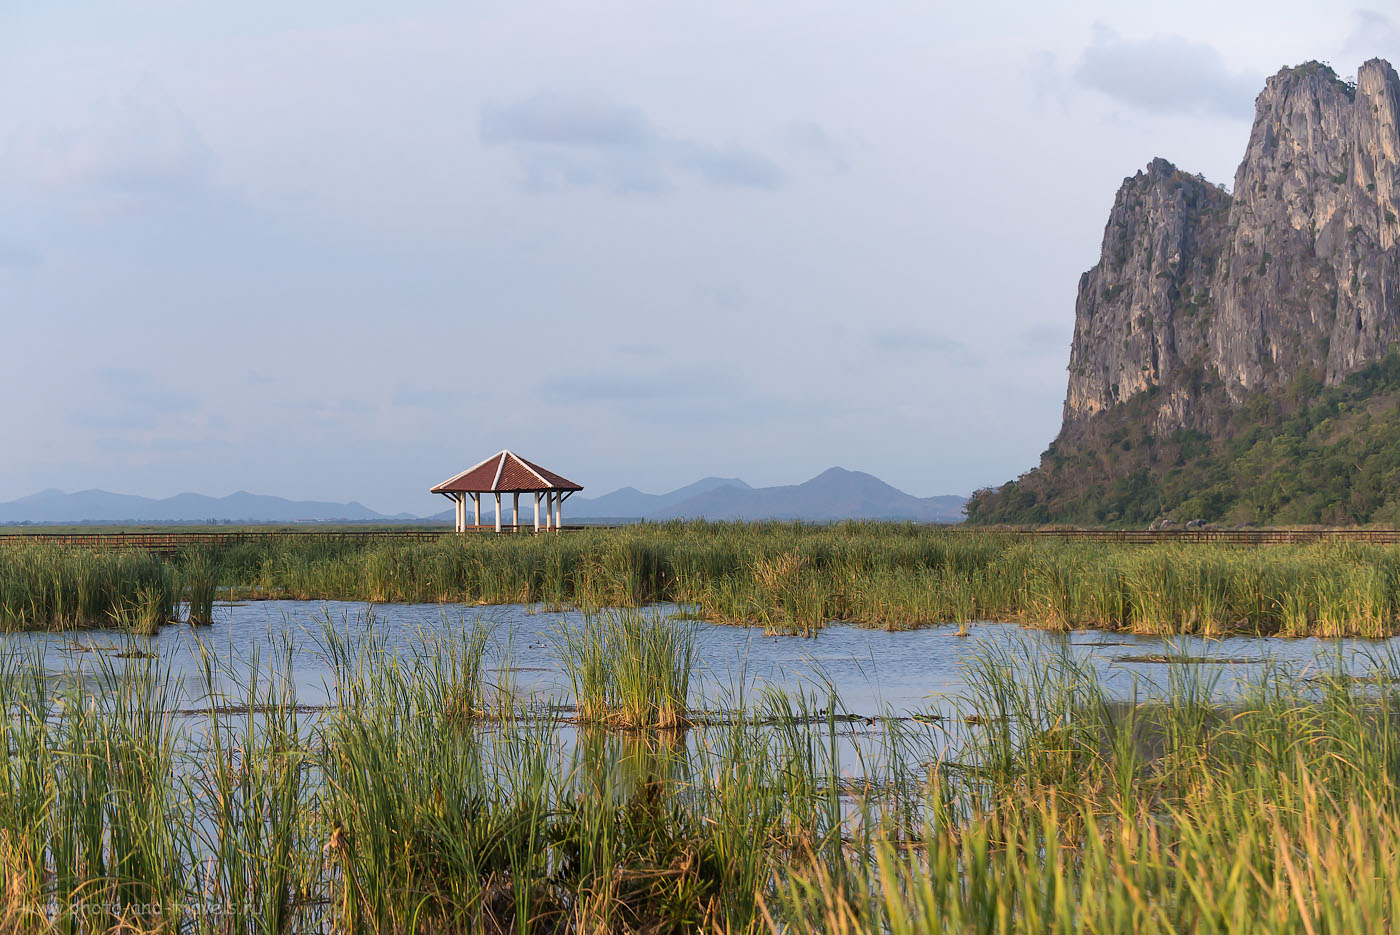 Фотография 14. Красота да и только! Болото Lotus Swamp в национальном парке Као Сам Рой Йот в Таиланде. (640, 100, F=4.5, 1/1600, Никон Д610, линза Никкор 70-300)